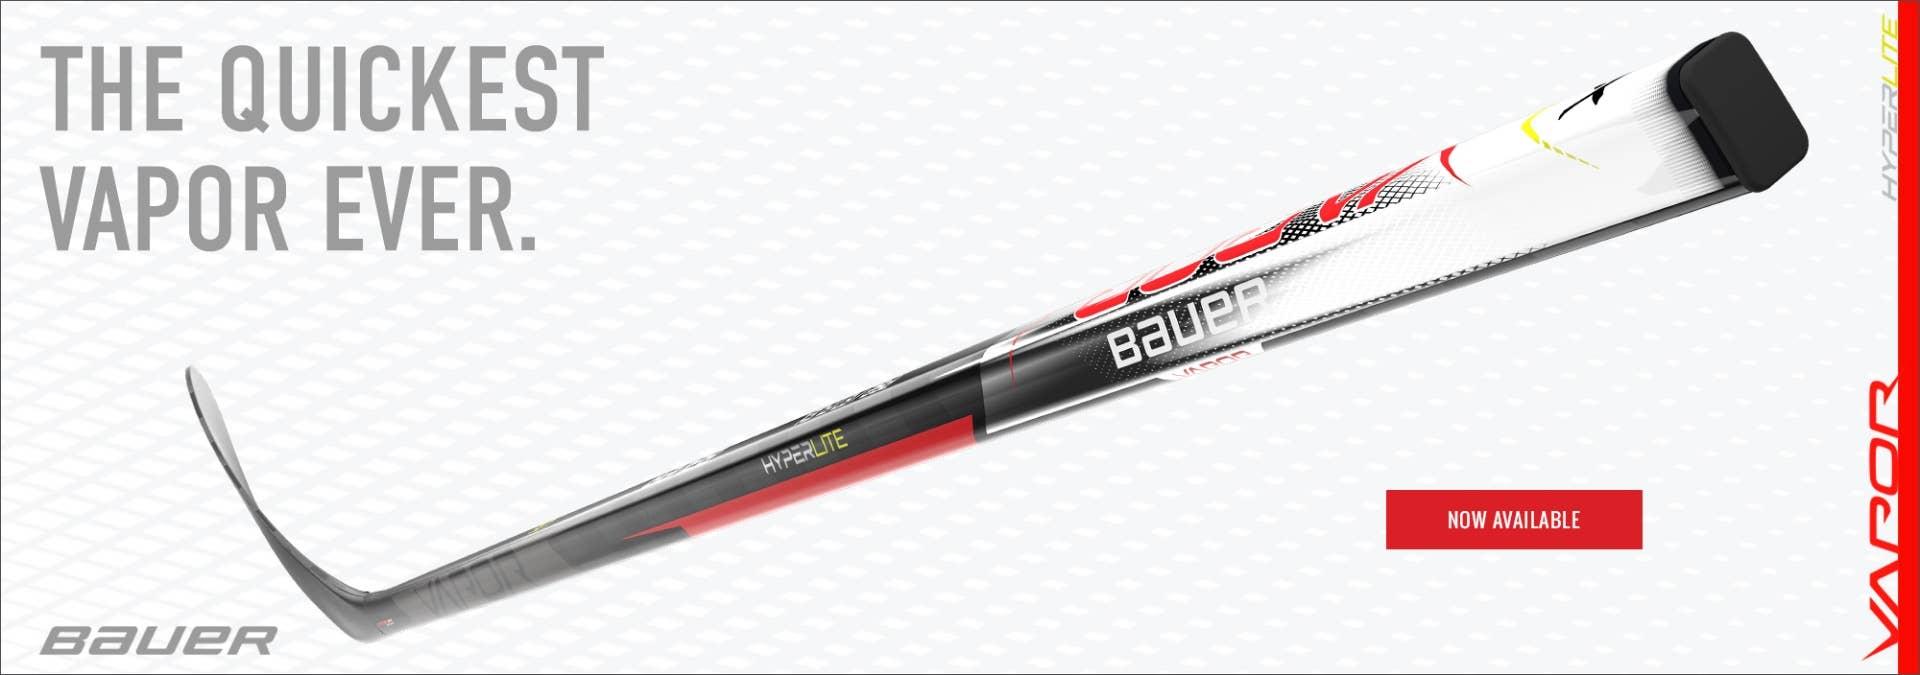 Bauer Vapor HyperLite Hockey Sticks